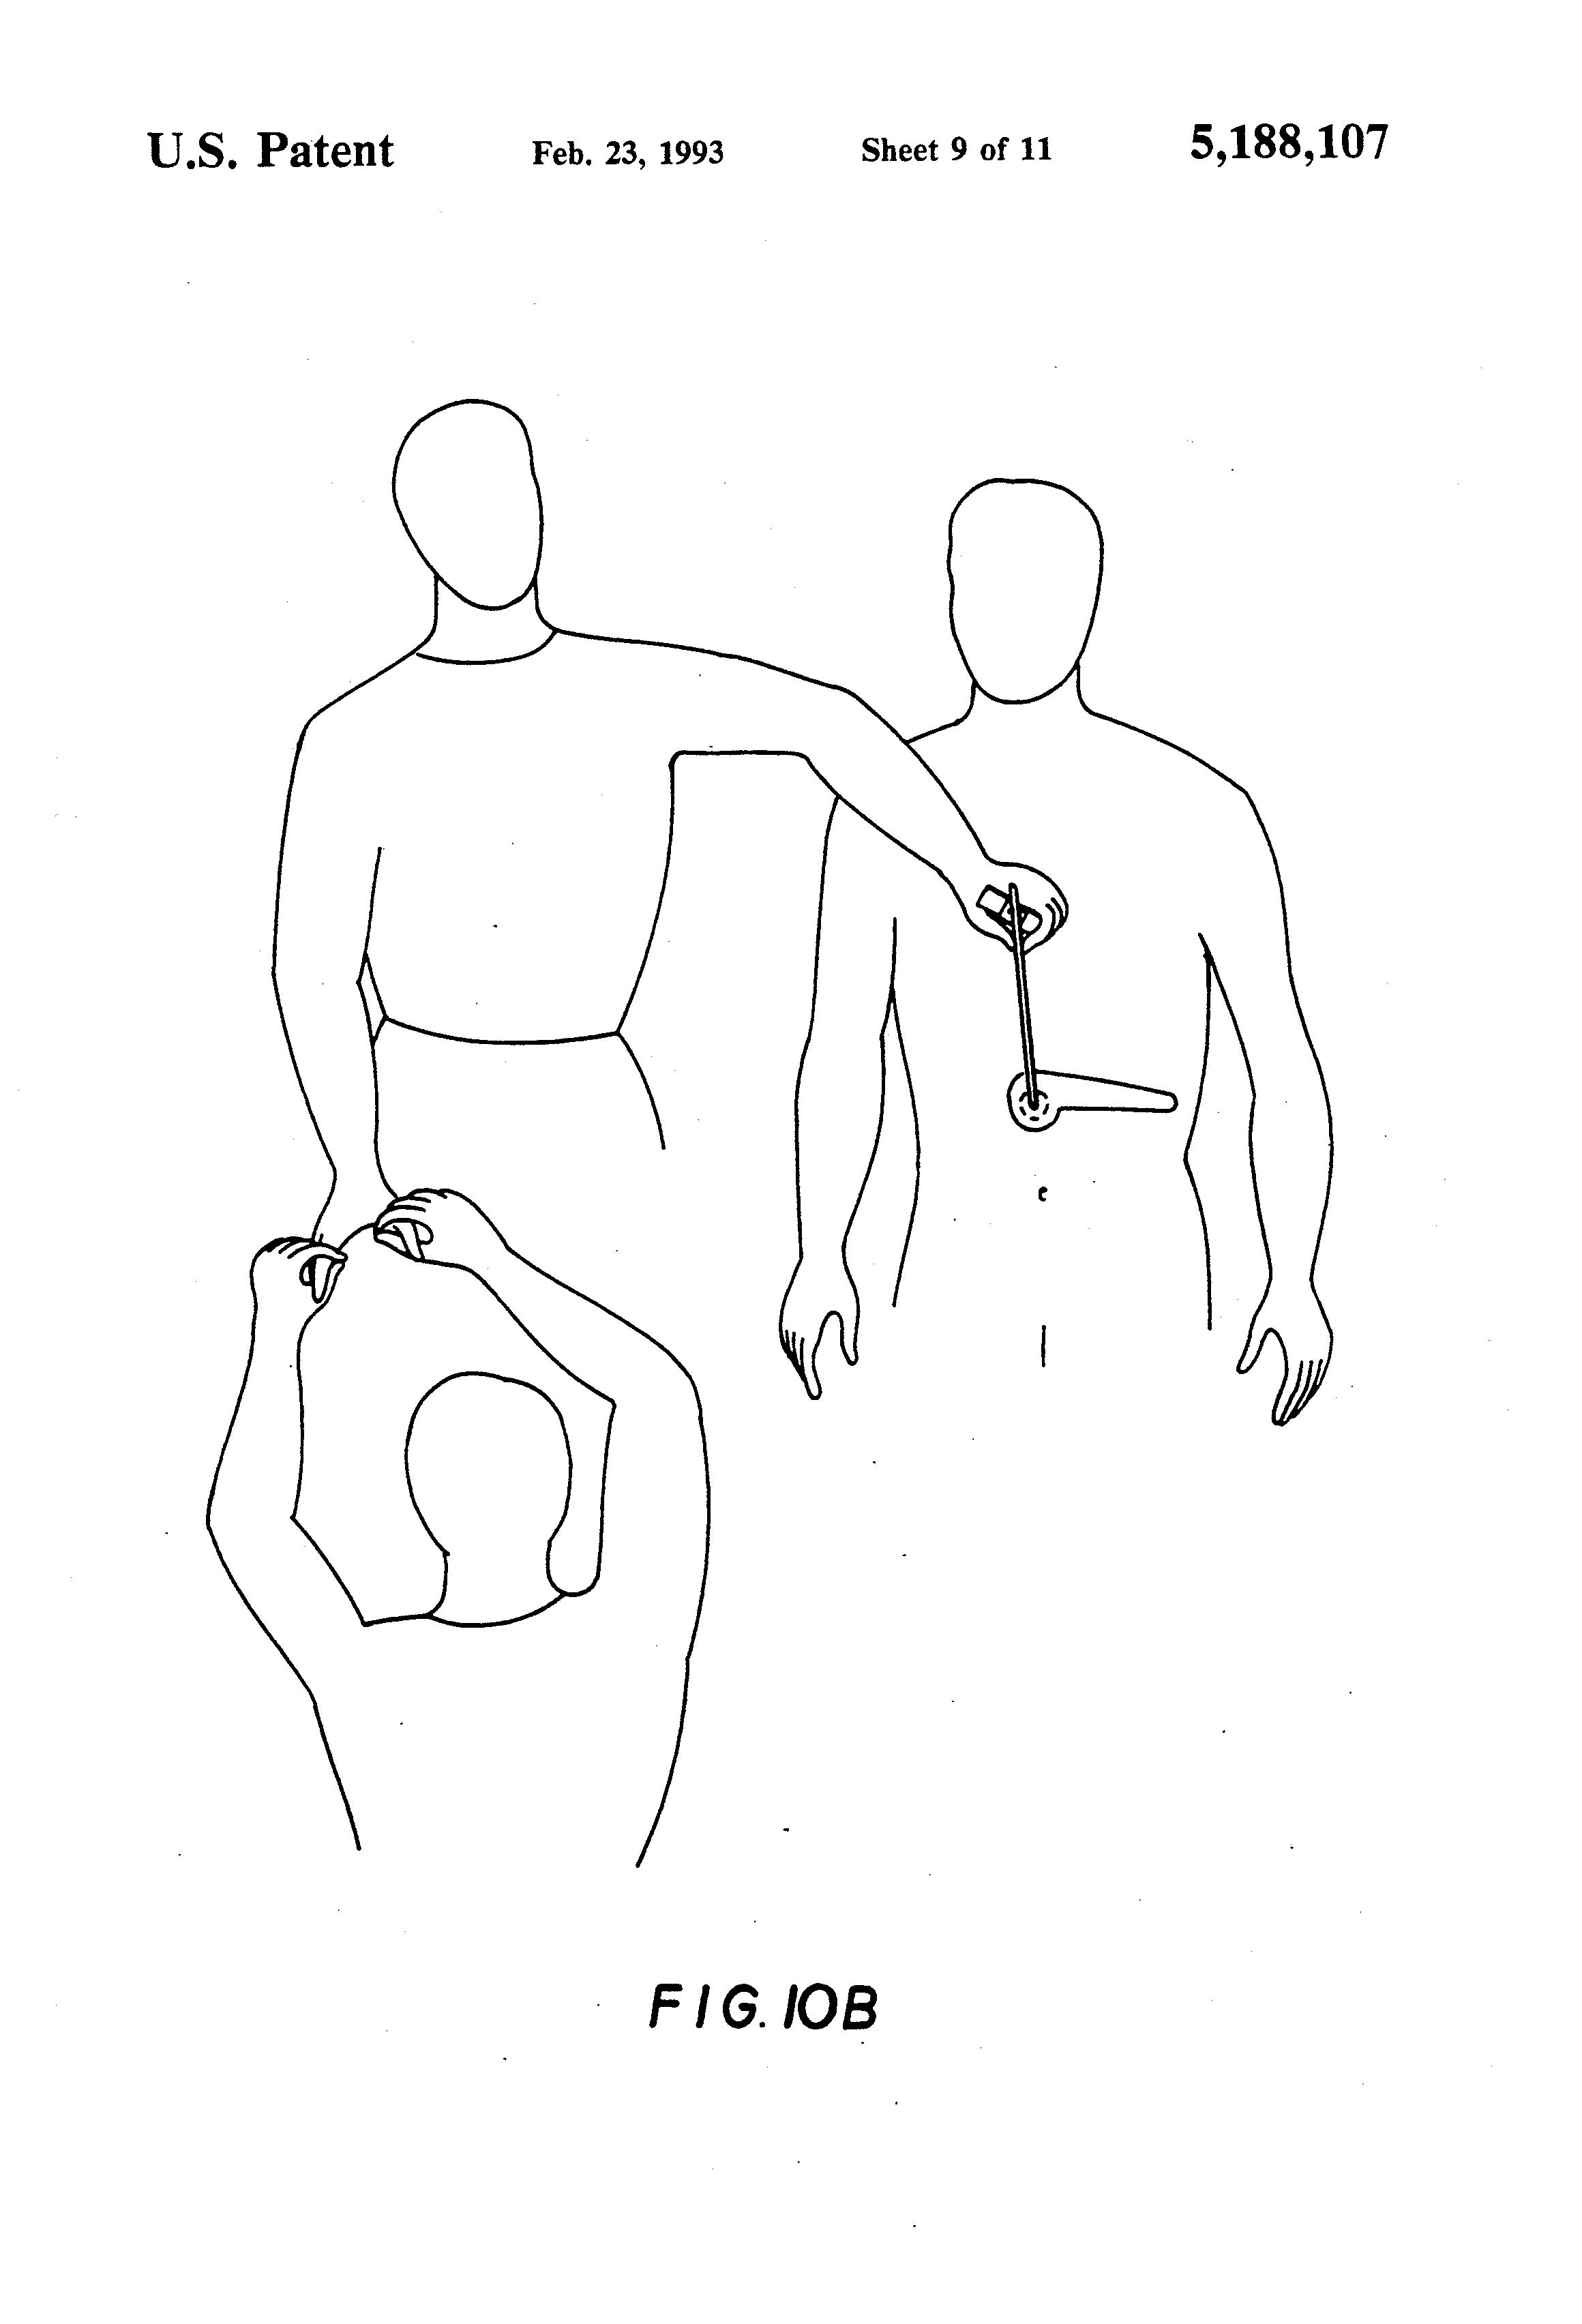 """Dibujos ilustrativos del """"método diagnóstico"""" patentado."""